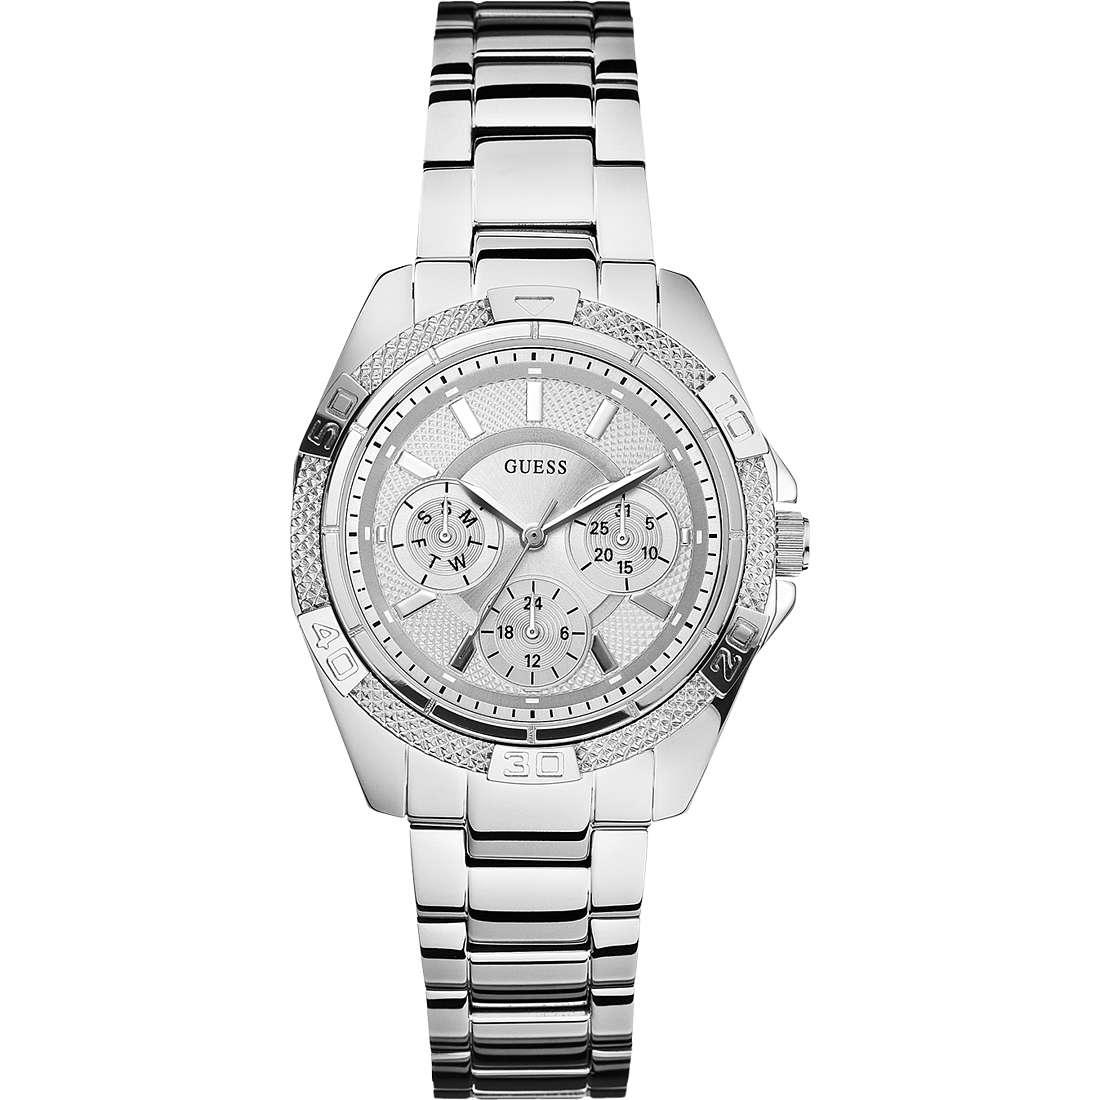 orologio multifunzione donna Guess Settembre 2013 W0235L1